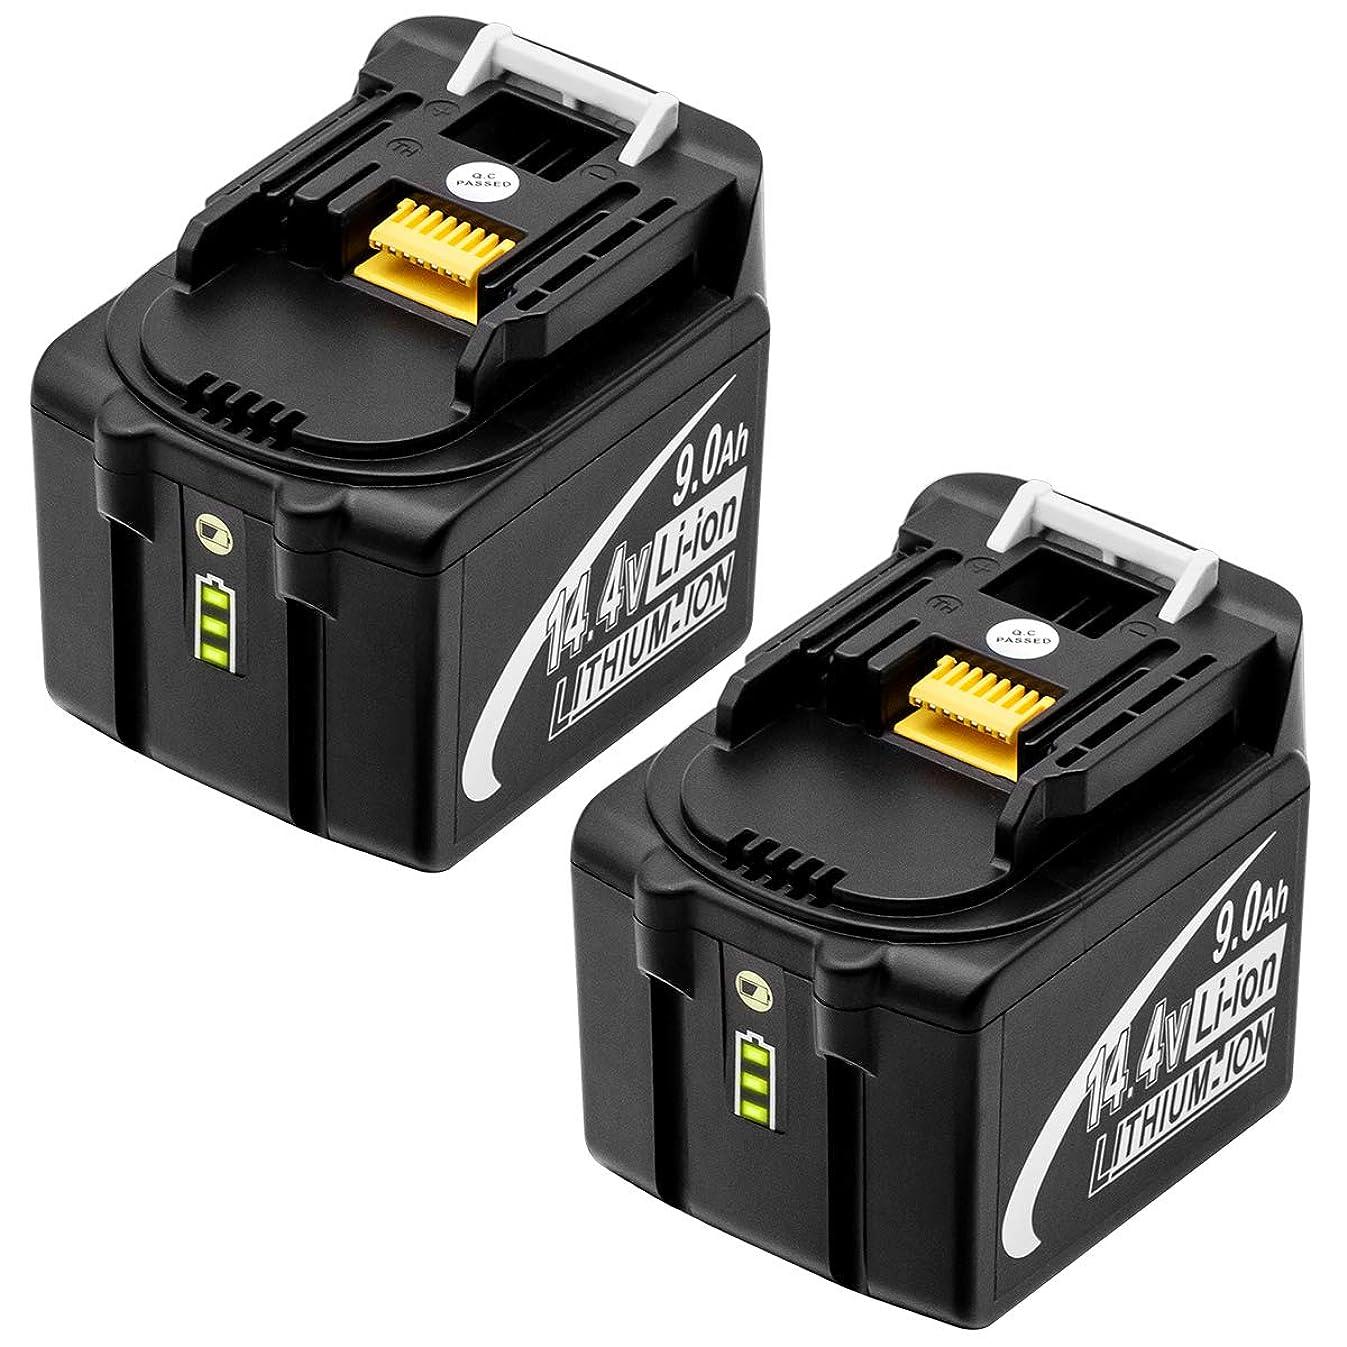 のため違う警戒KingTianLeマキタ 14.4v バッテリー bl1490b マキタ互換バッテリー マキタ14.4v 9000mAh BL1460B BL1430 BL1440 BL1450 BL1460 対応 14.4v互換バッテリー 2個セット 1年保証